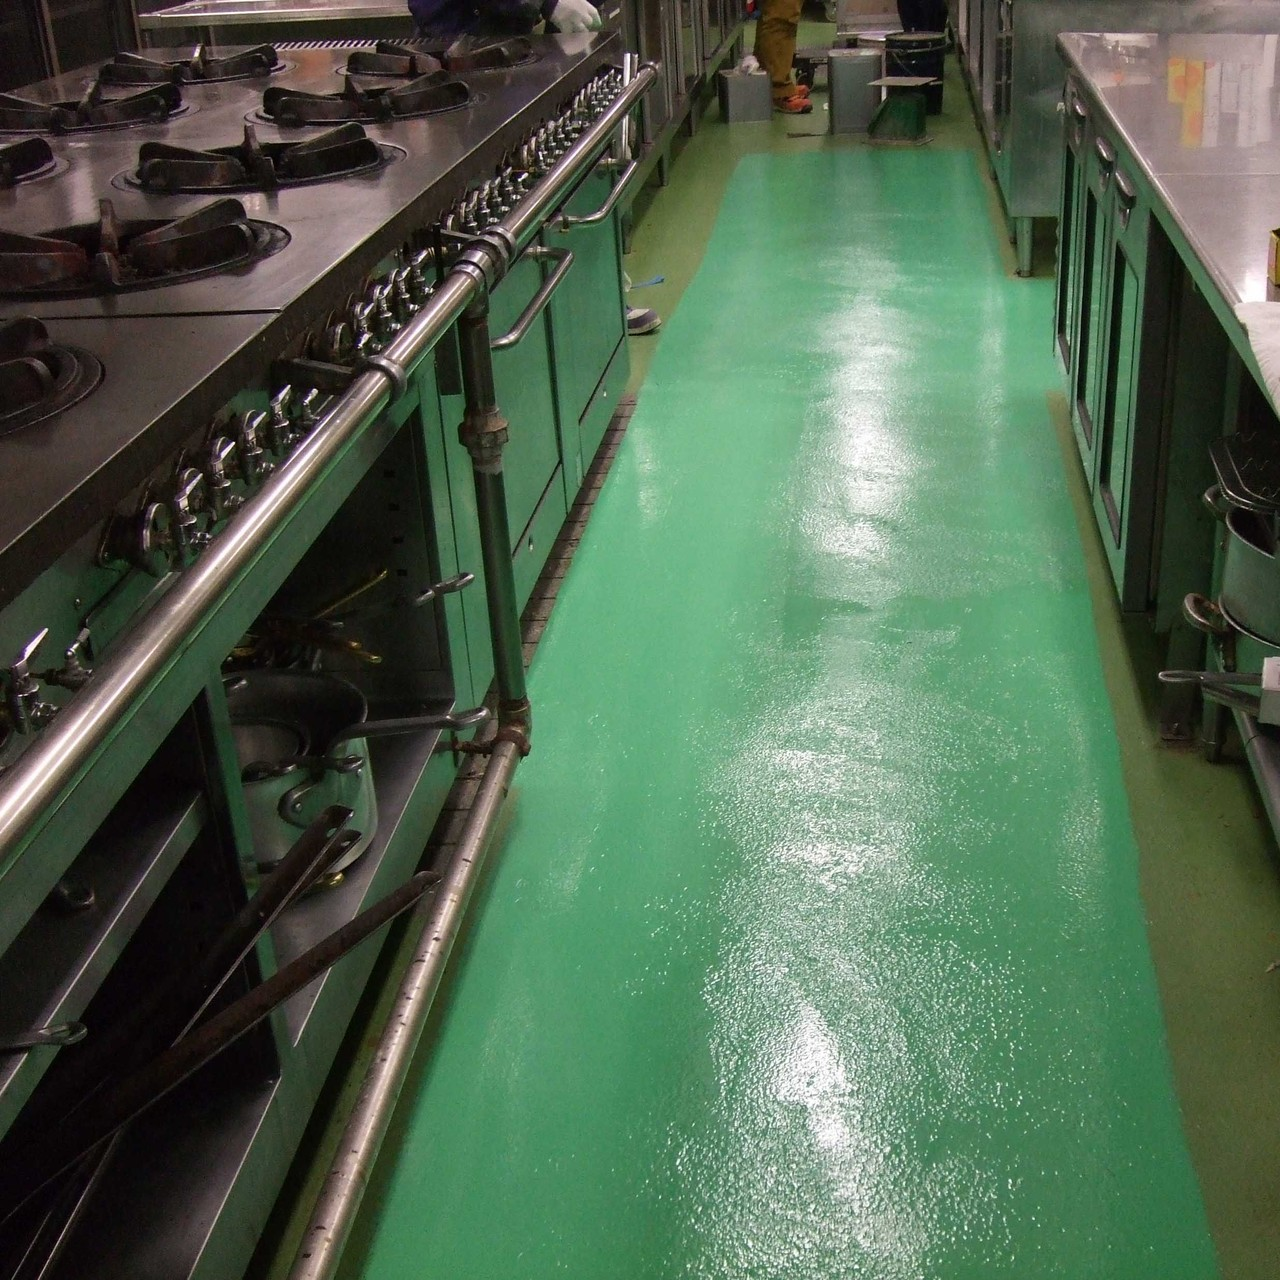 某厨房床改修(ケミクリートMS・L)施工時間が短く無臭で抗菌性に優れています。ホテルなどの厨房床に最適です